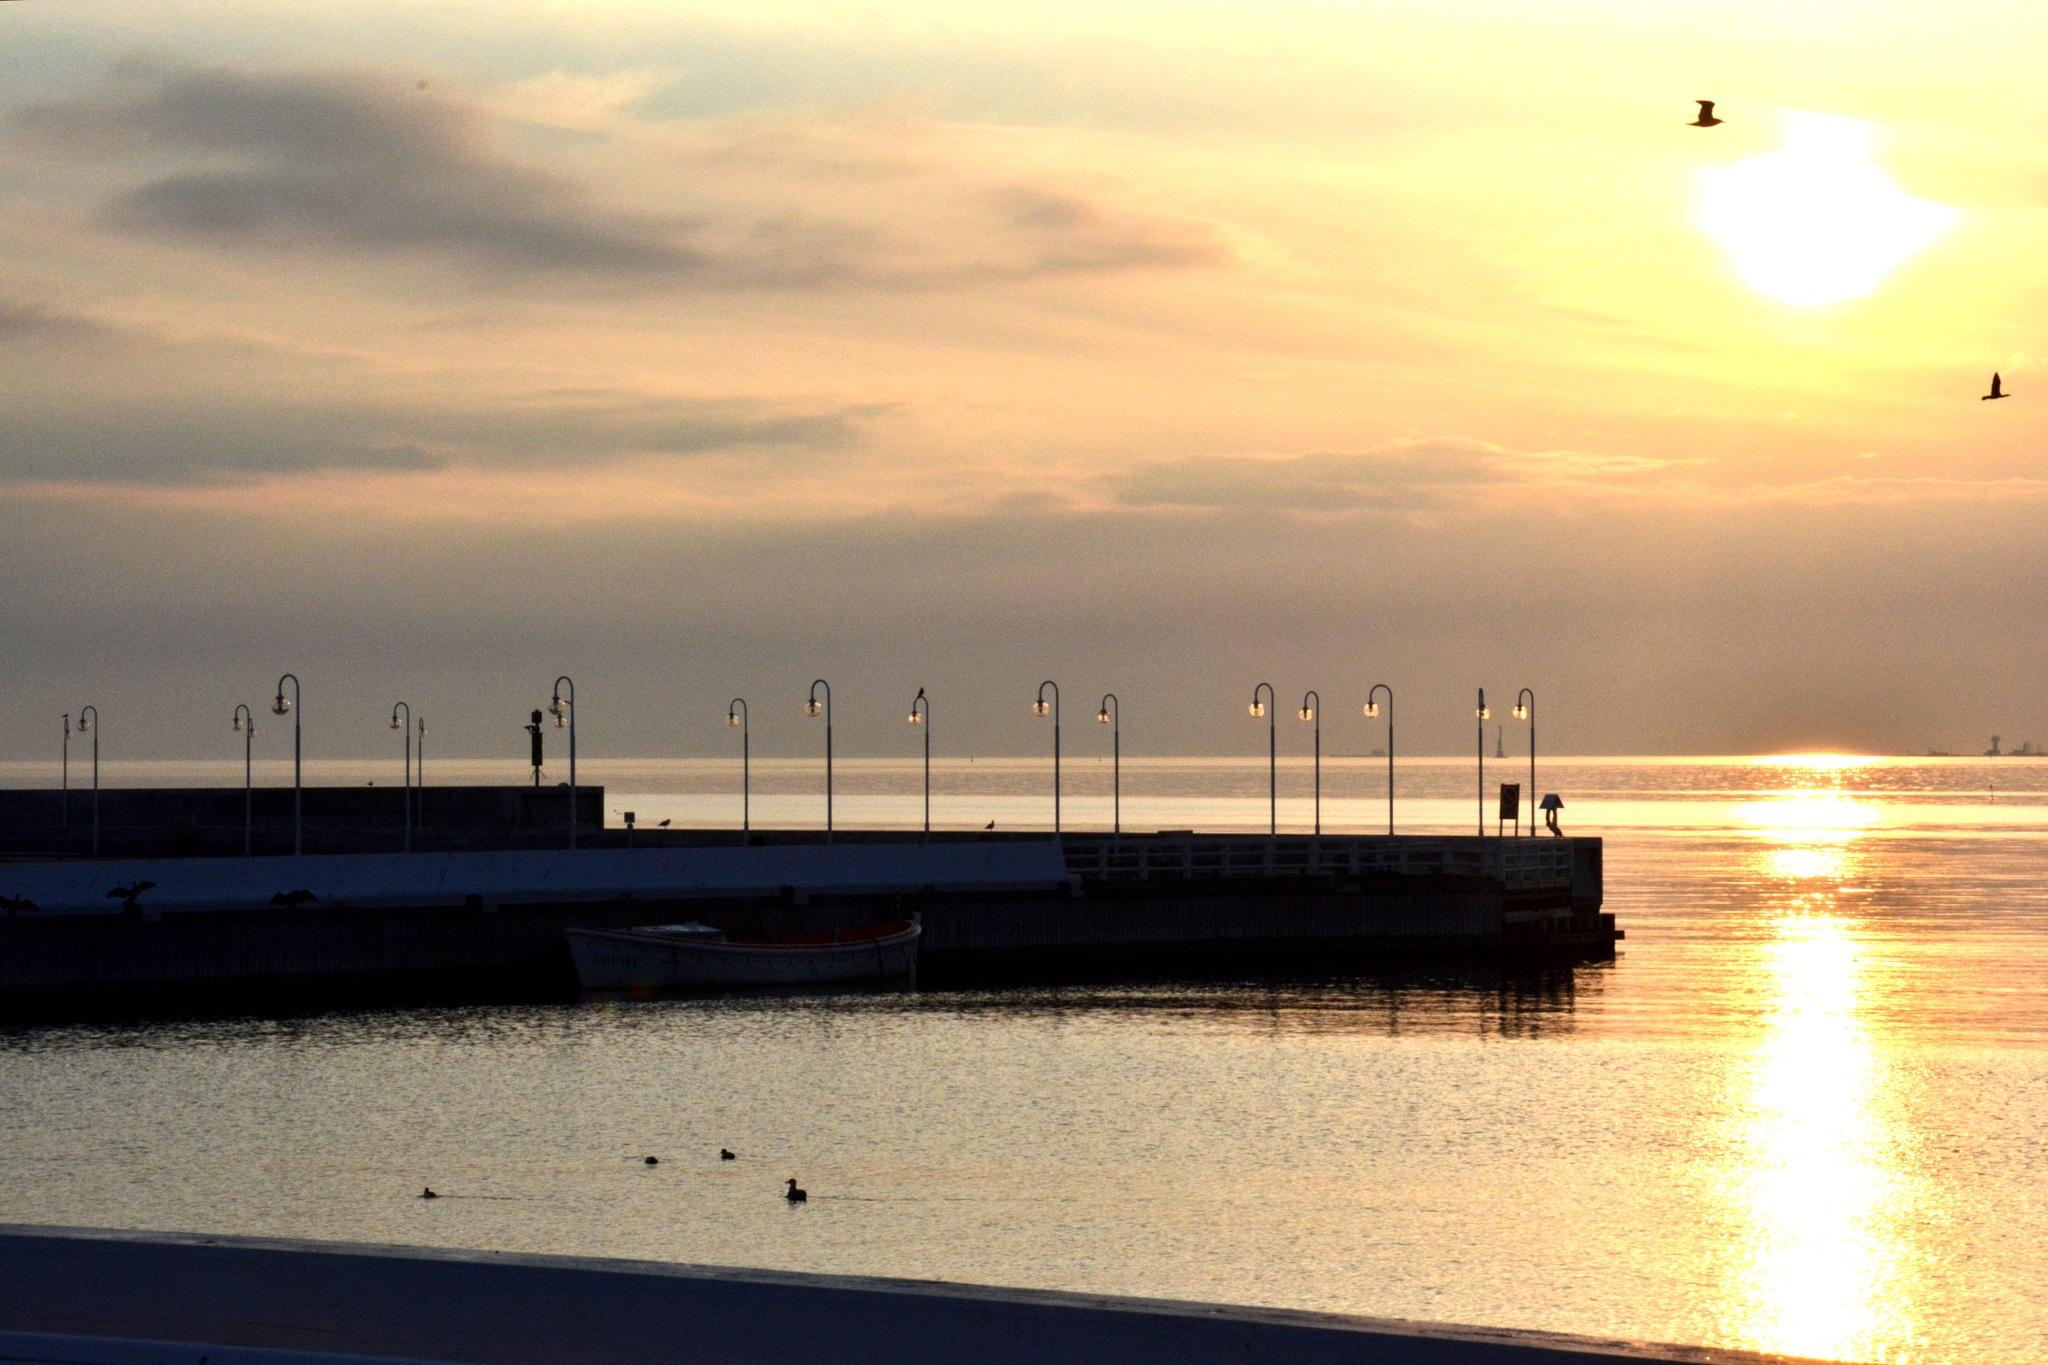 Tranquil Sunrise in Sopot by Bartek Stachyra